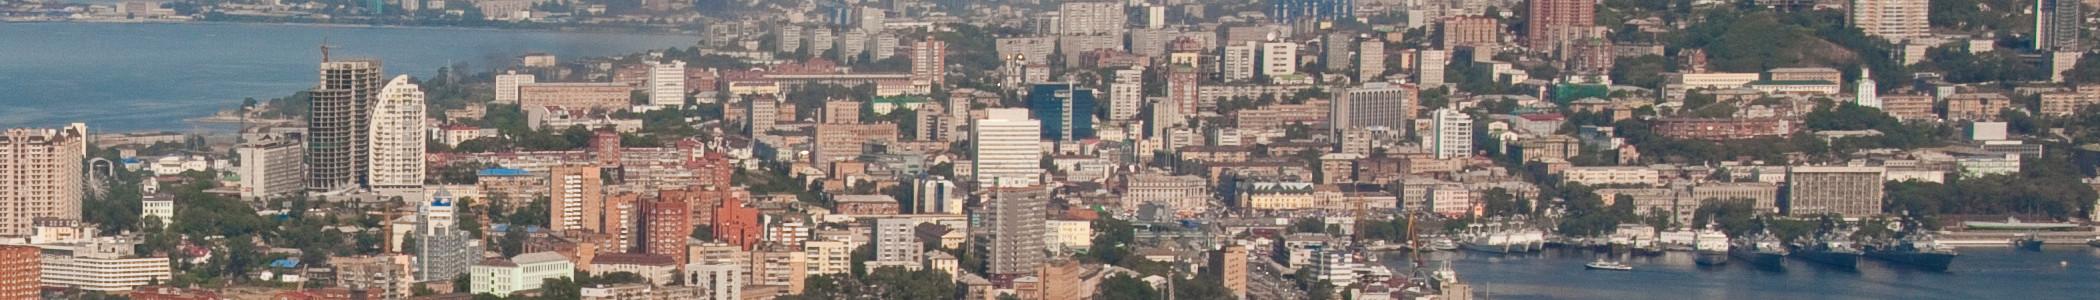 карта москвы с улицами и домами подробно смотреть панорама новый